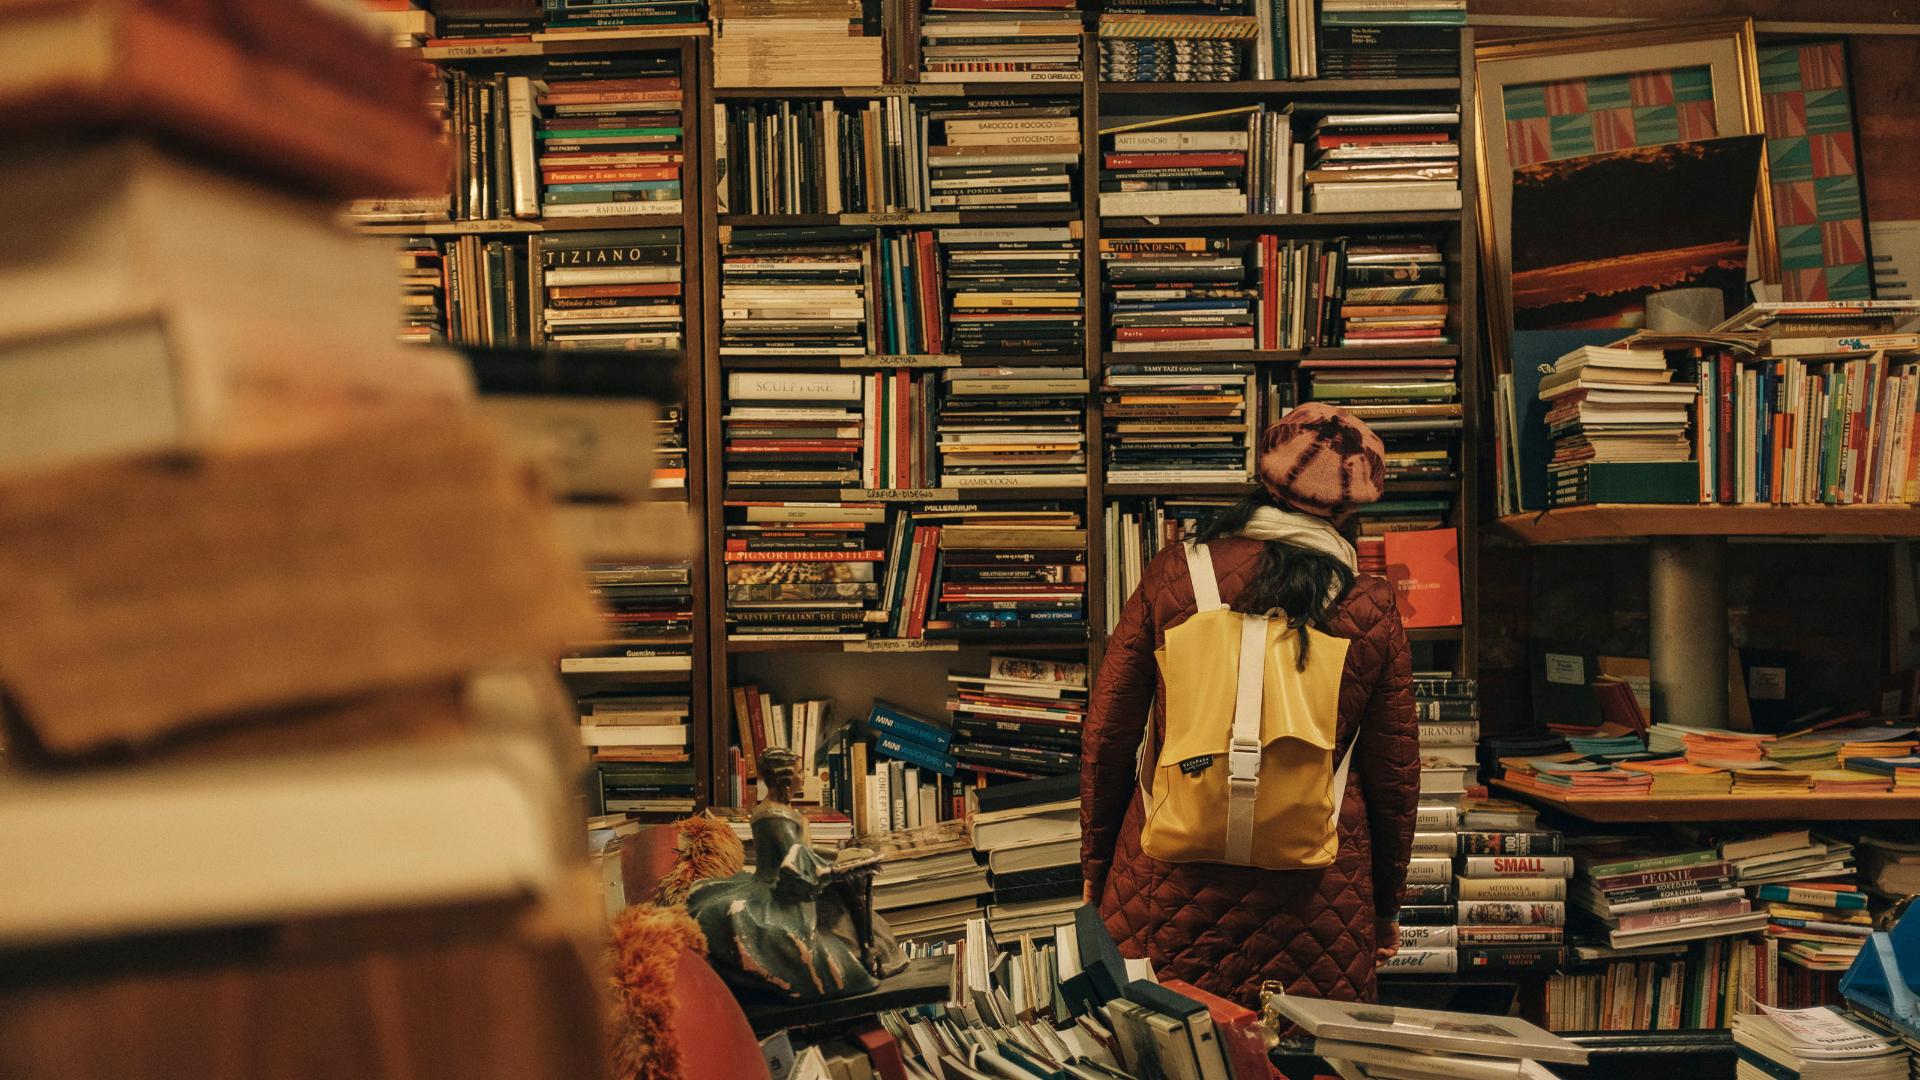 Писането на книга е майсторски занаят, откраднете го чрез четене - самоиздател блог - .онлайн книжарница и платфрома за създаване на книги